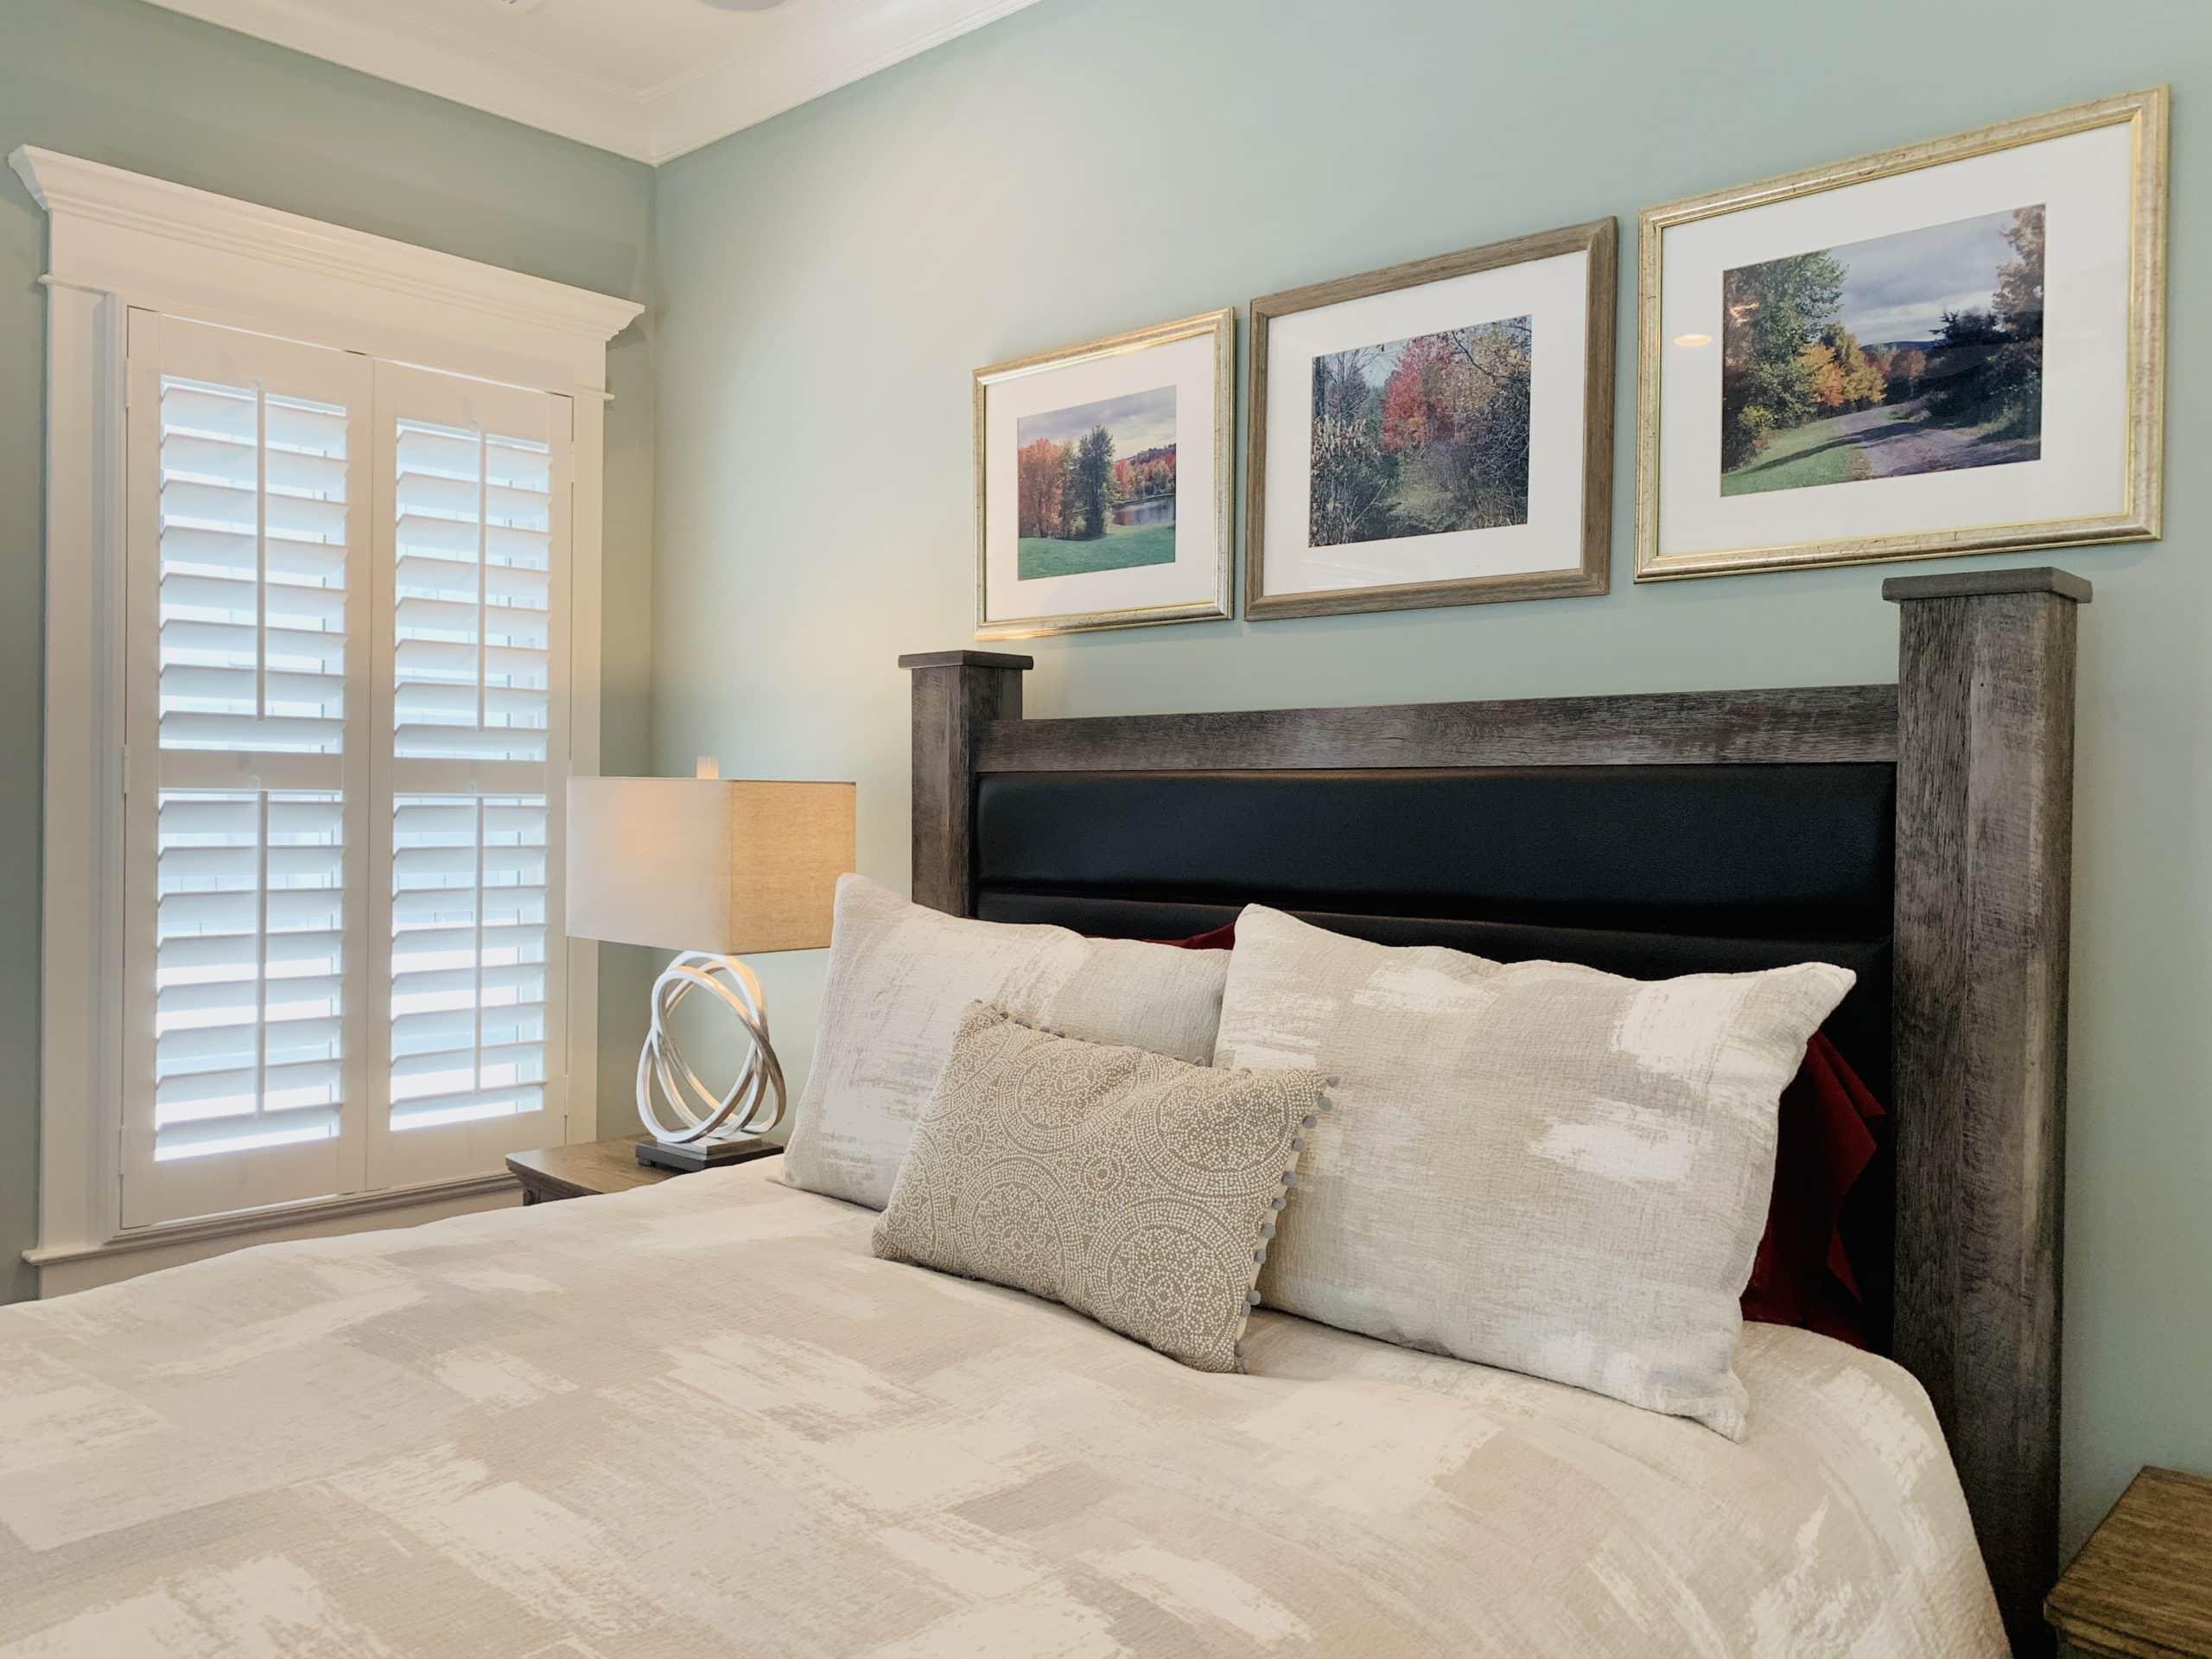 interior_shutter_bedroom